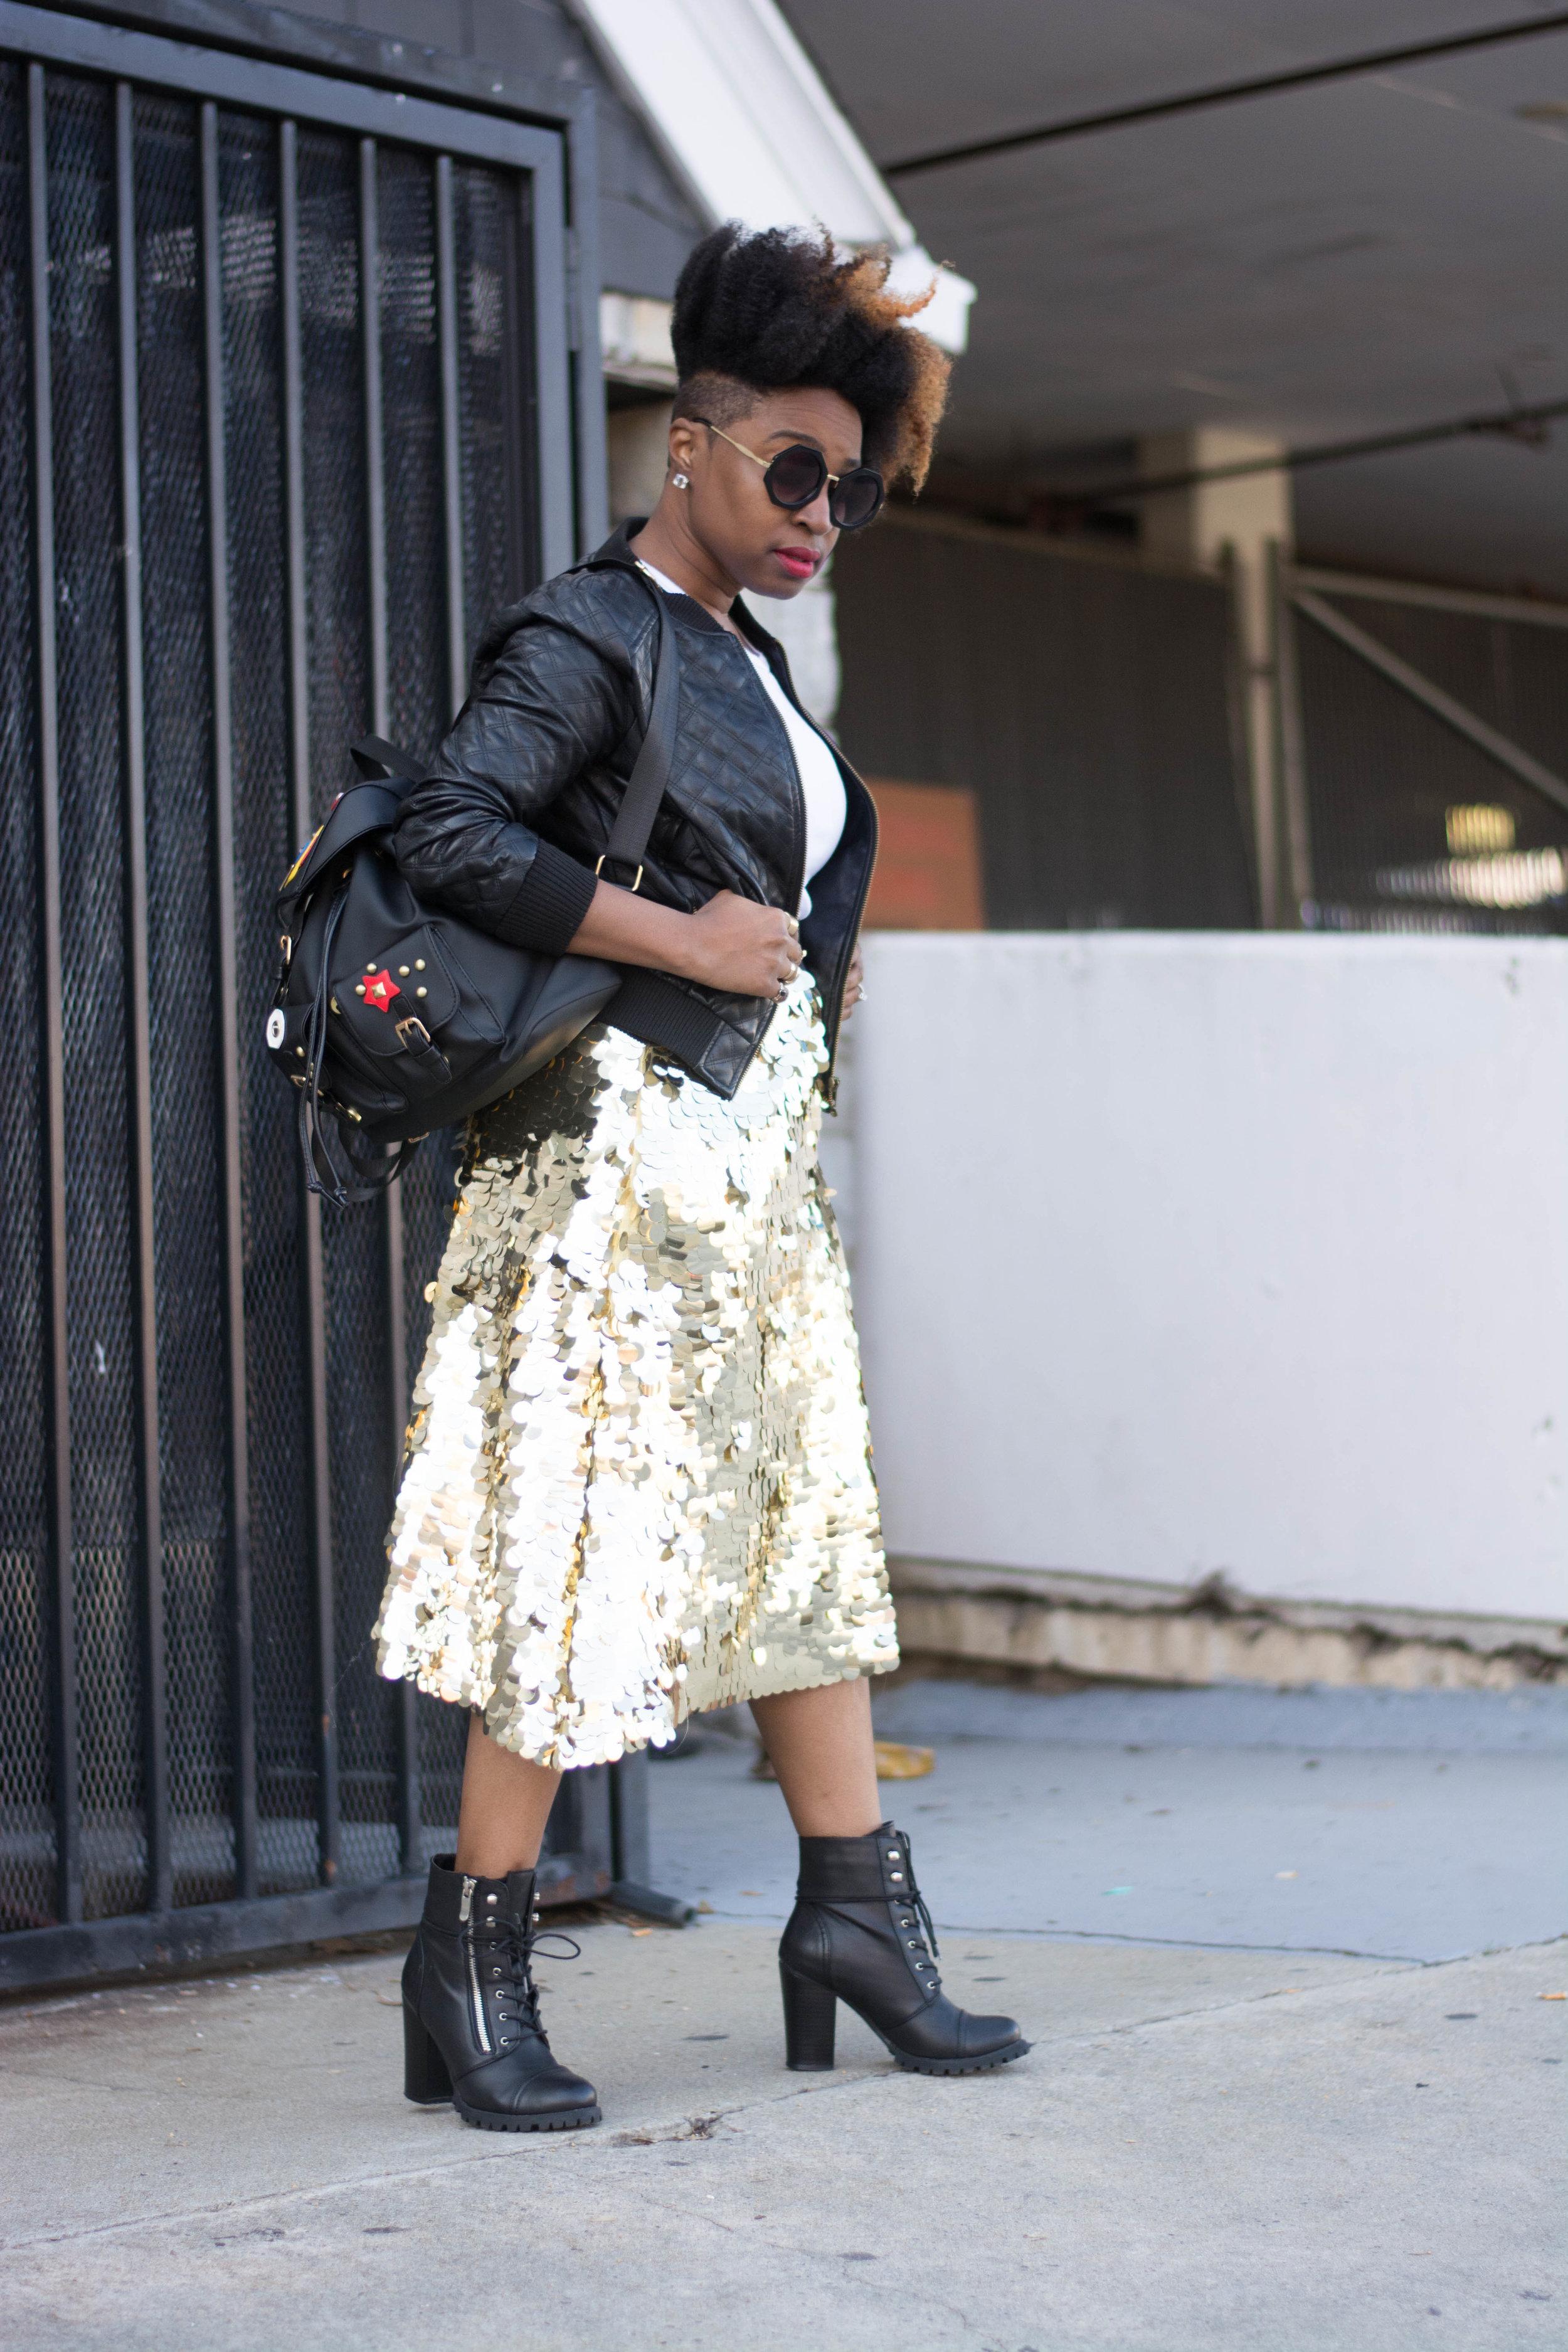 Sequin Skirt + Black Booties -